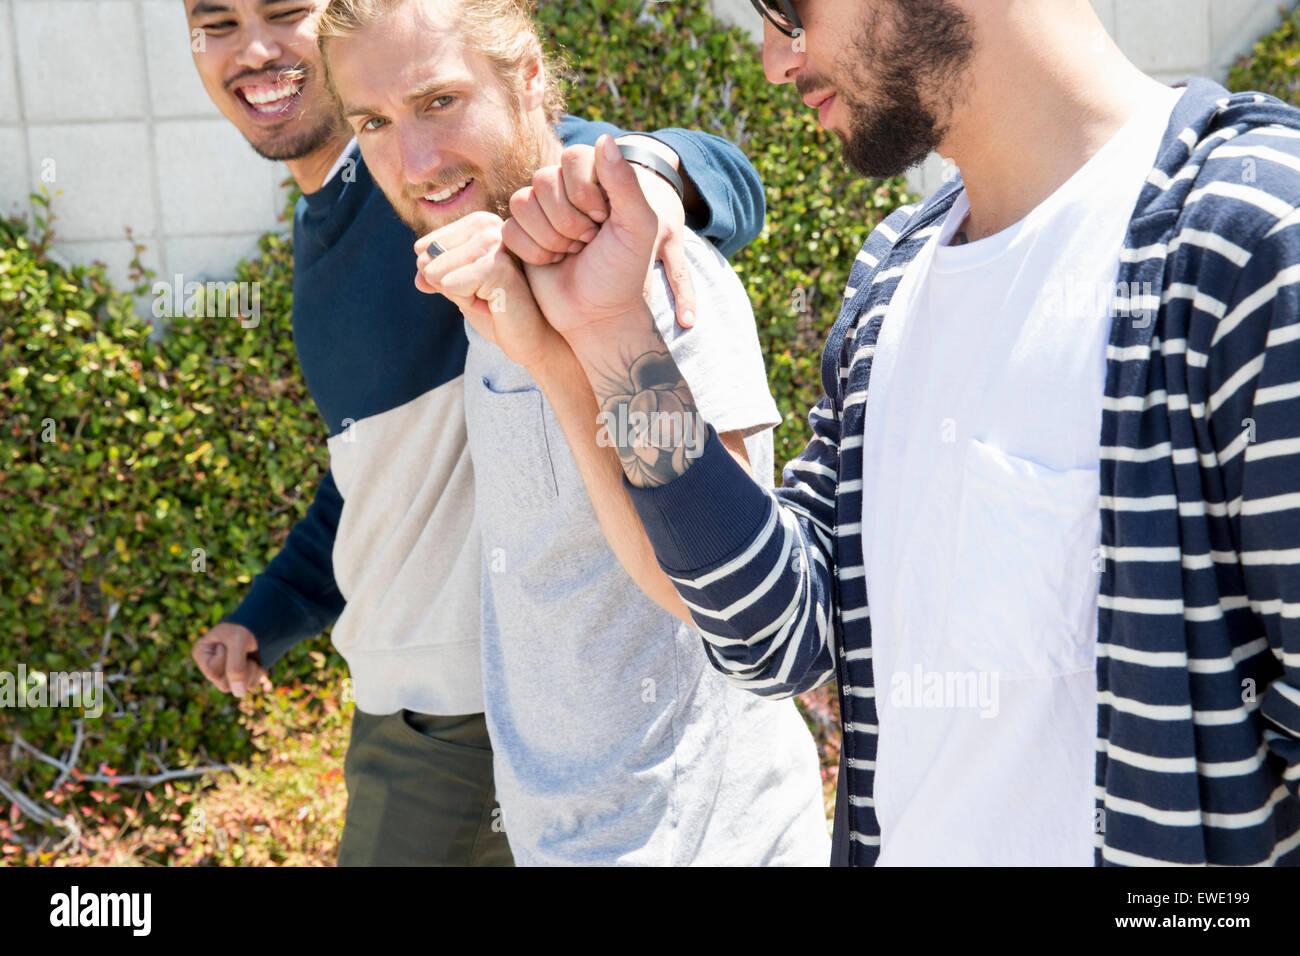 Trois jeunes hommes marchant le long d'un sentier Banque D'Images